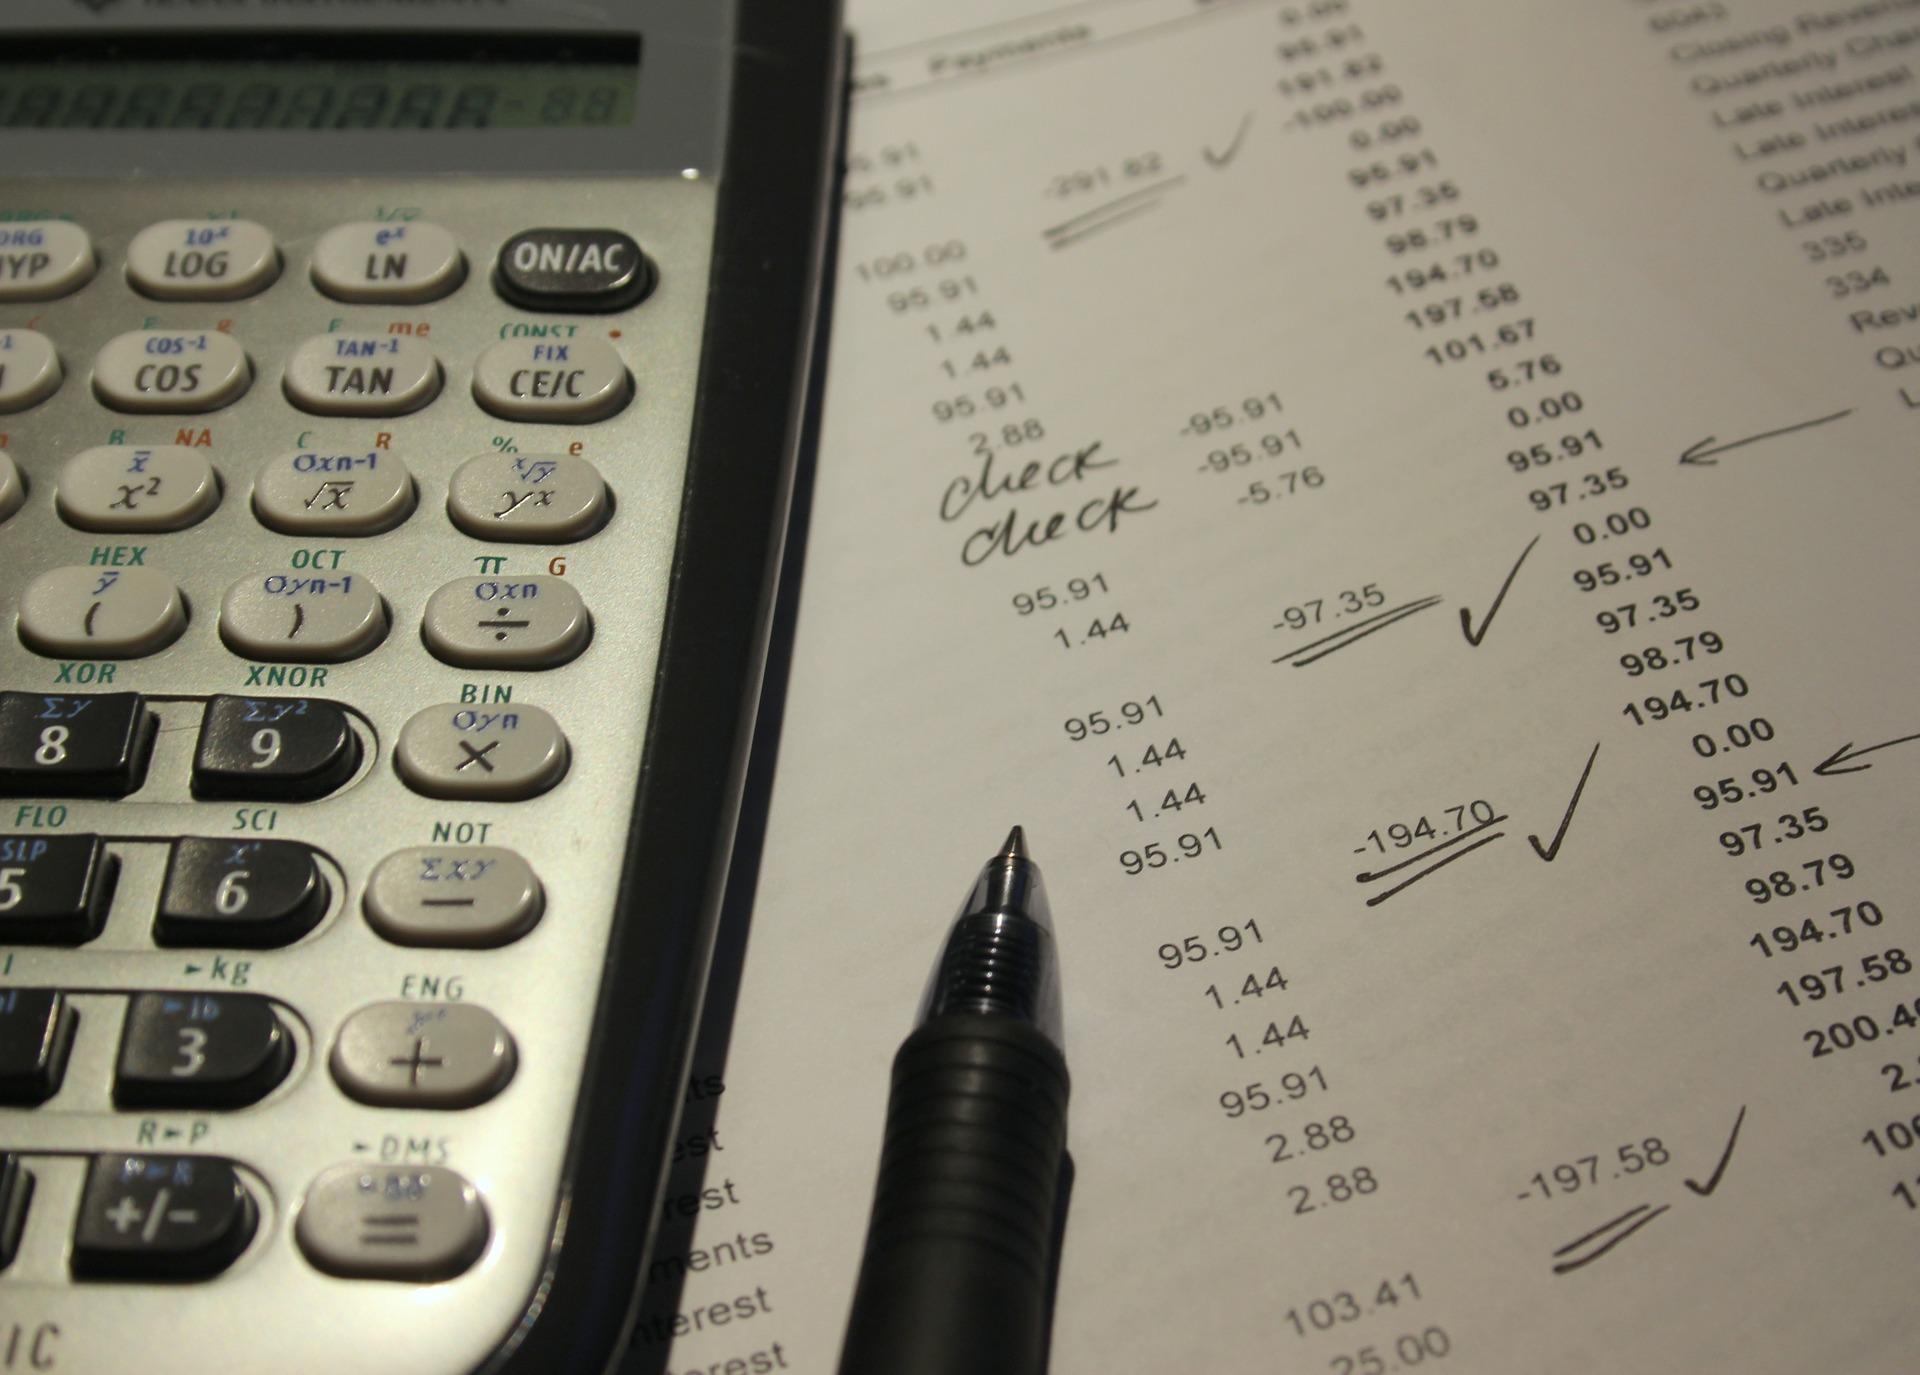 Demanda por crédito tem avanço de 5,8% em outubro